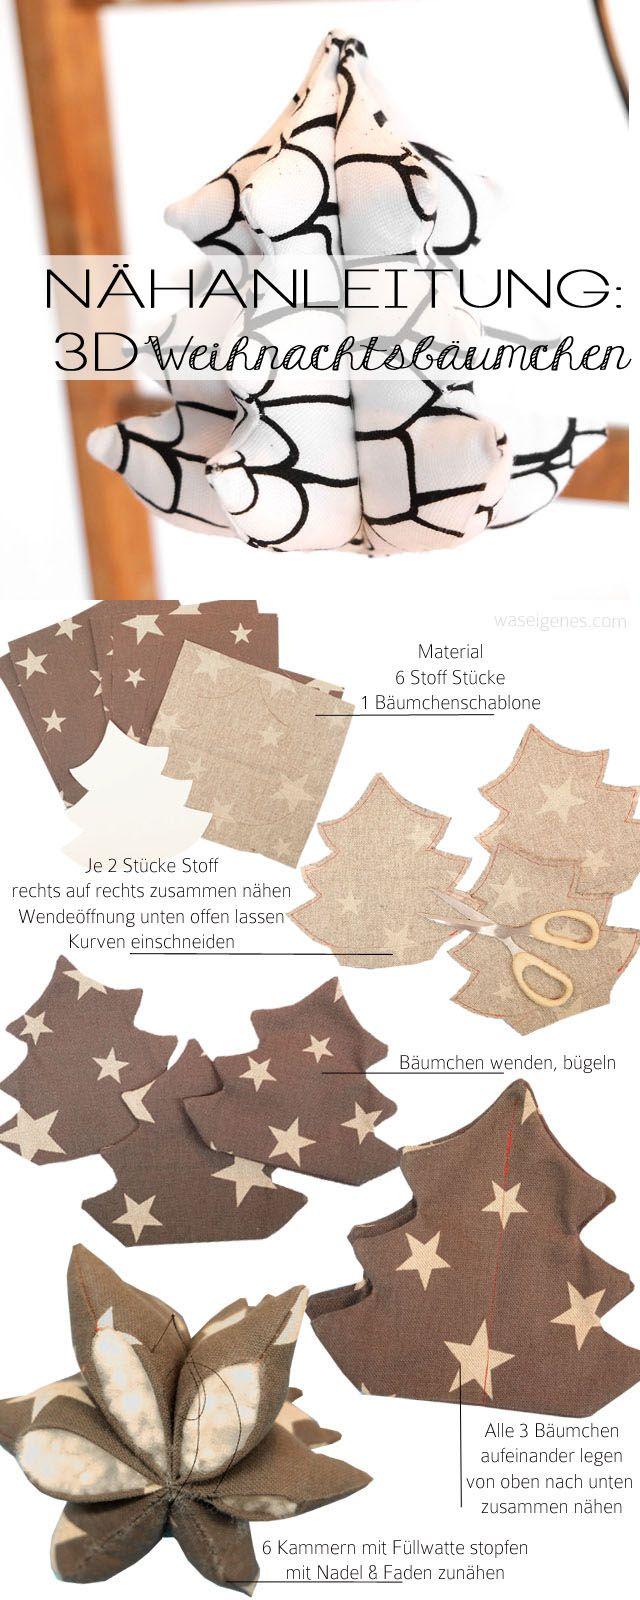 Nähanleitung: 3D Weihnachtsbäumchen | christmas crafts & sewing project | DIY |